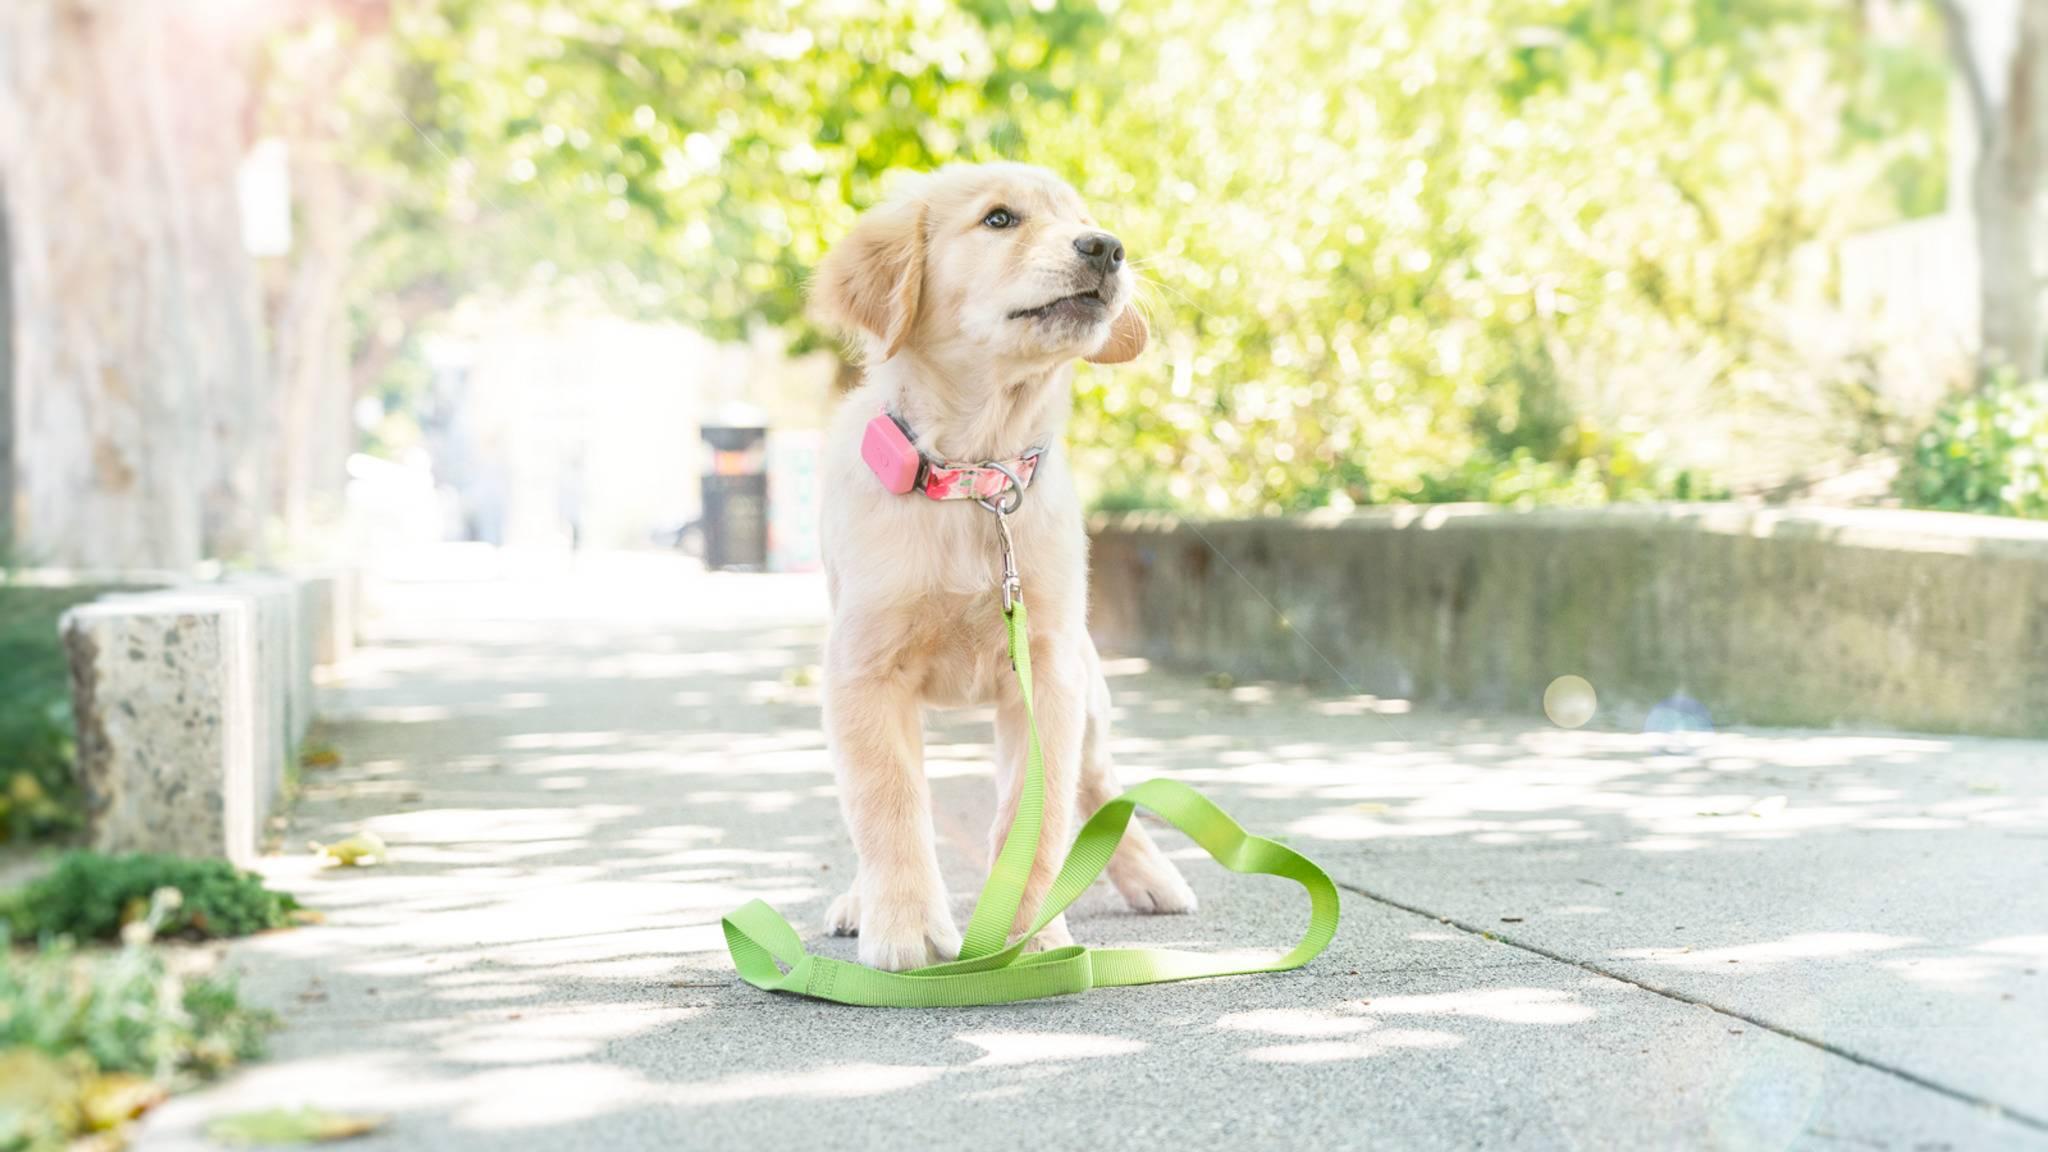 Ob jung oder alt: Whistle achtet auf Alter und Rasse des Hundes.